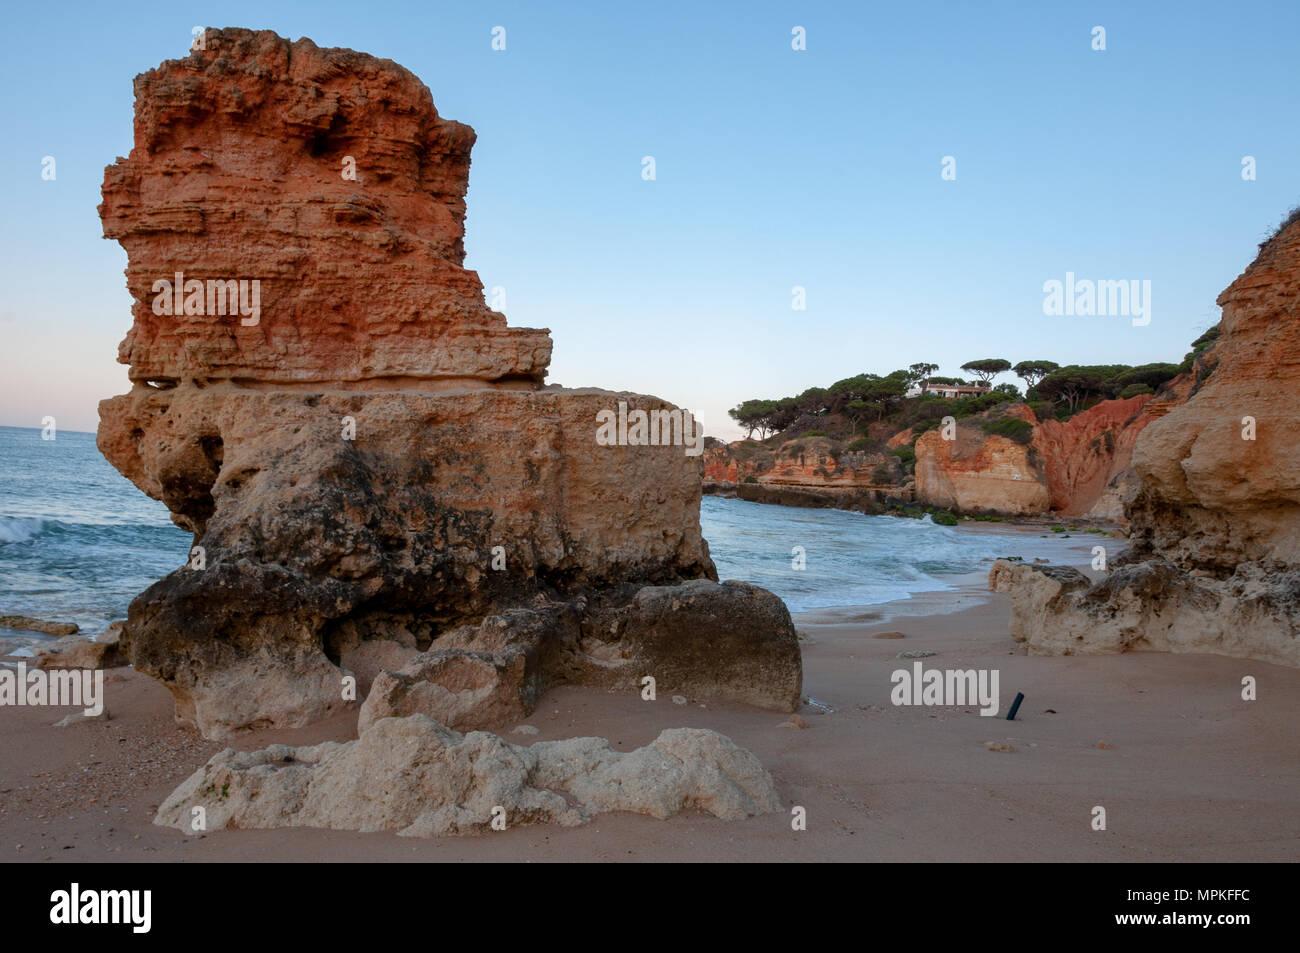 Olhos de Água Limestone Rocks - Stock Image